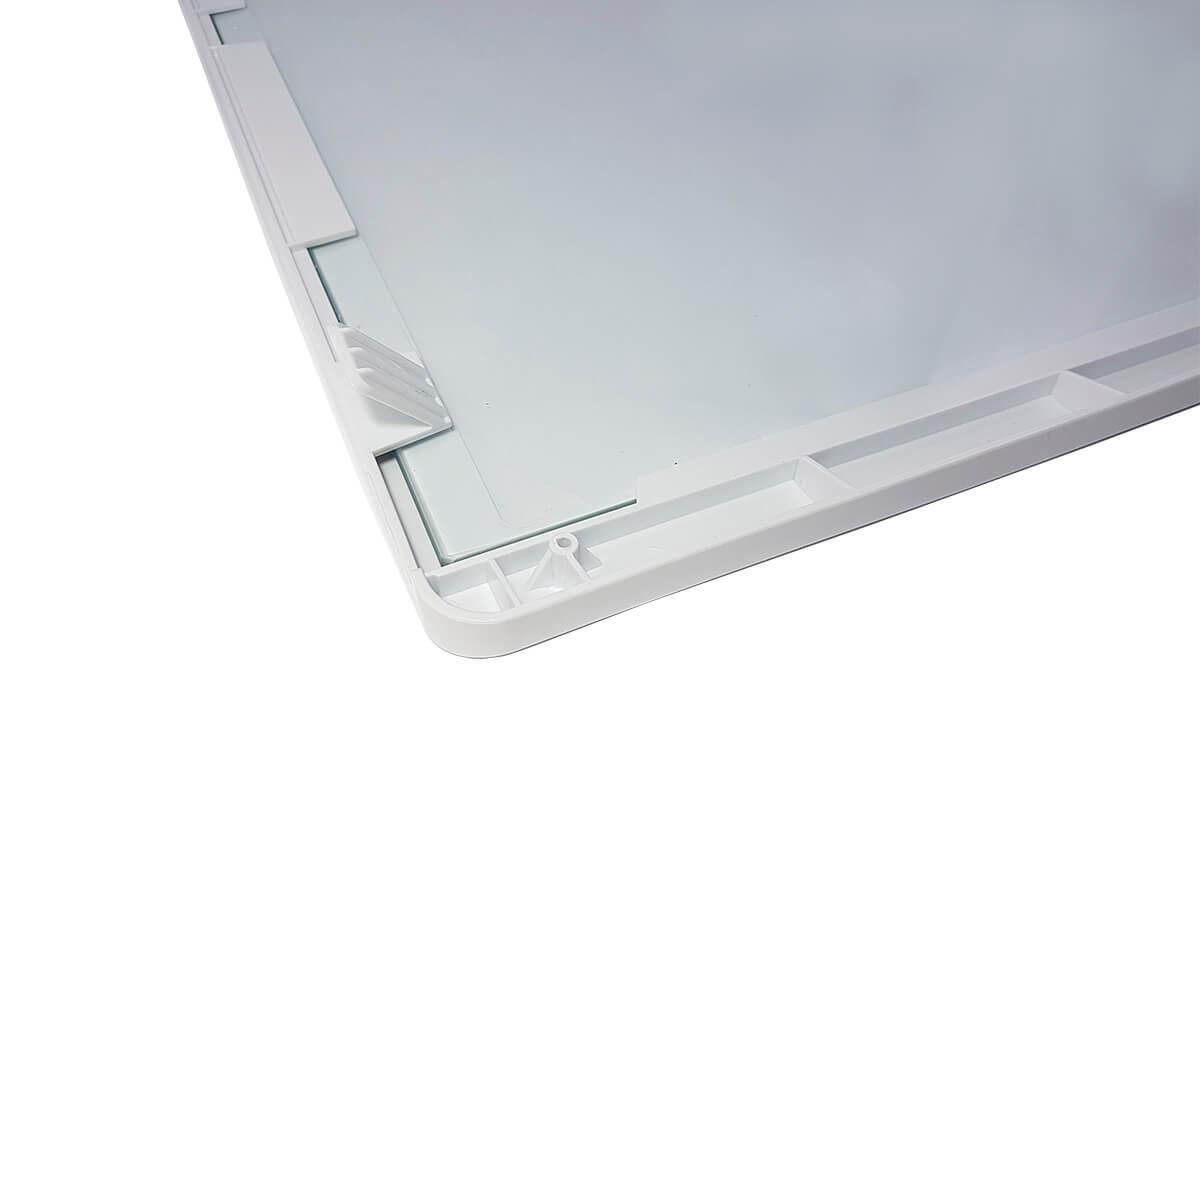 Prateleira Para Refrigerador Frost Free Electrolux - A96996202